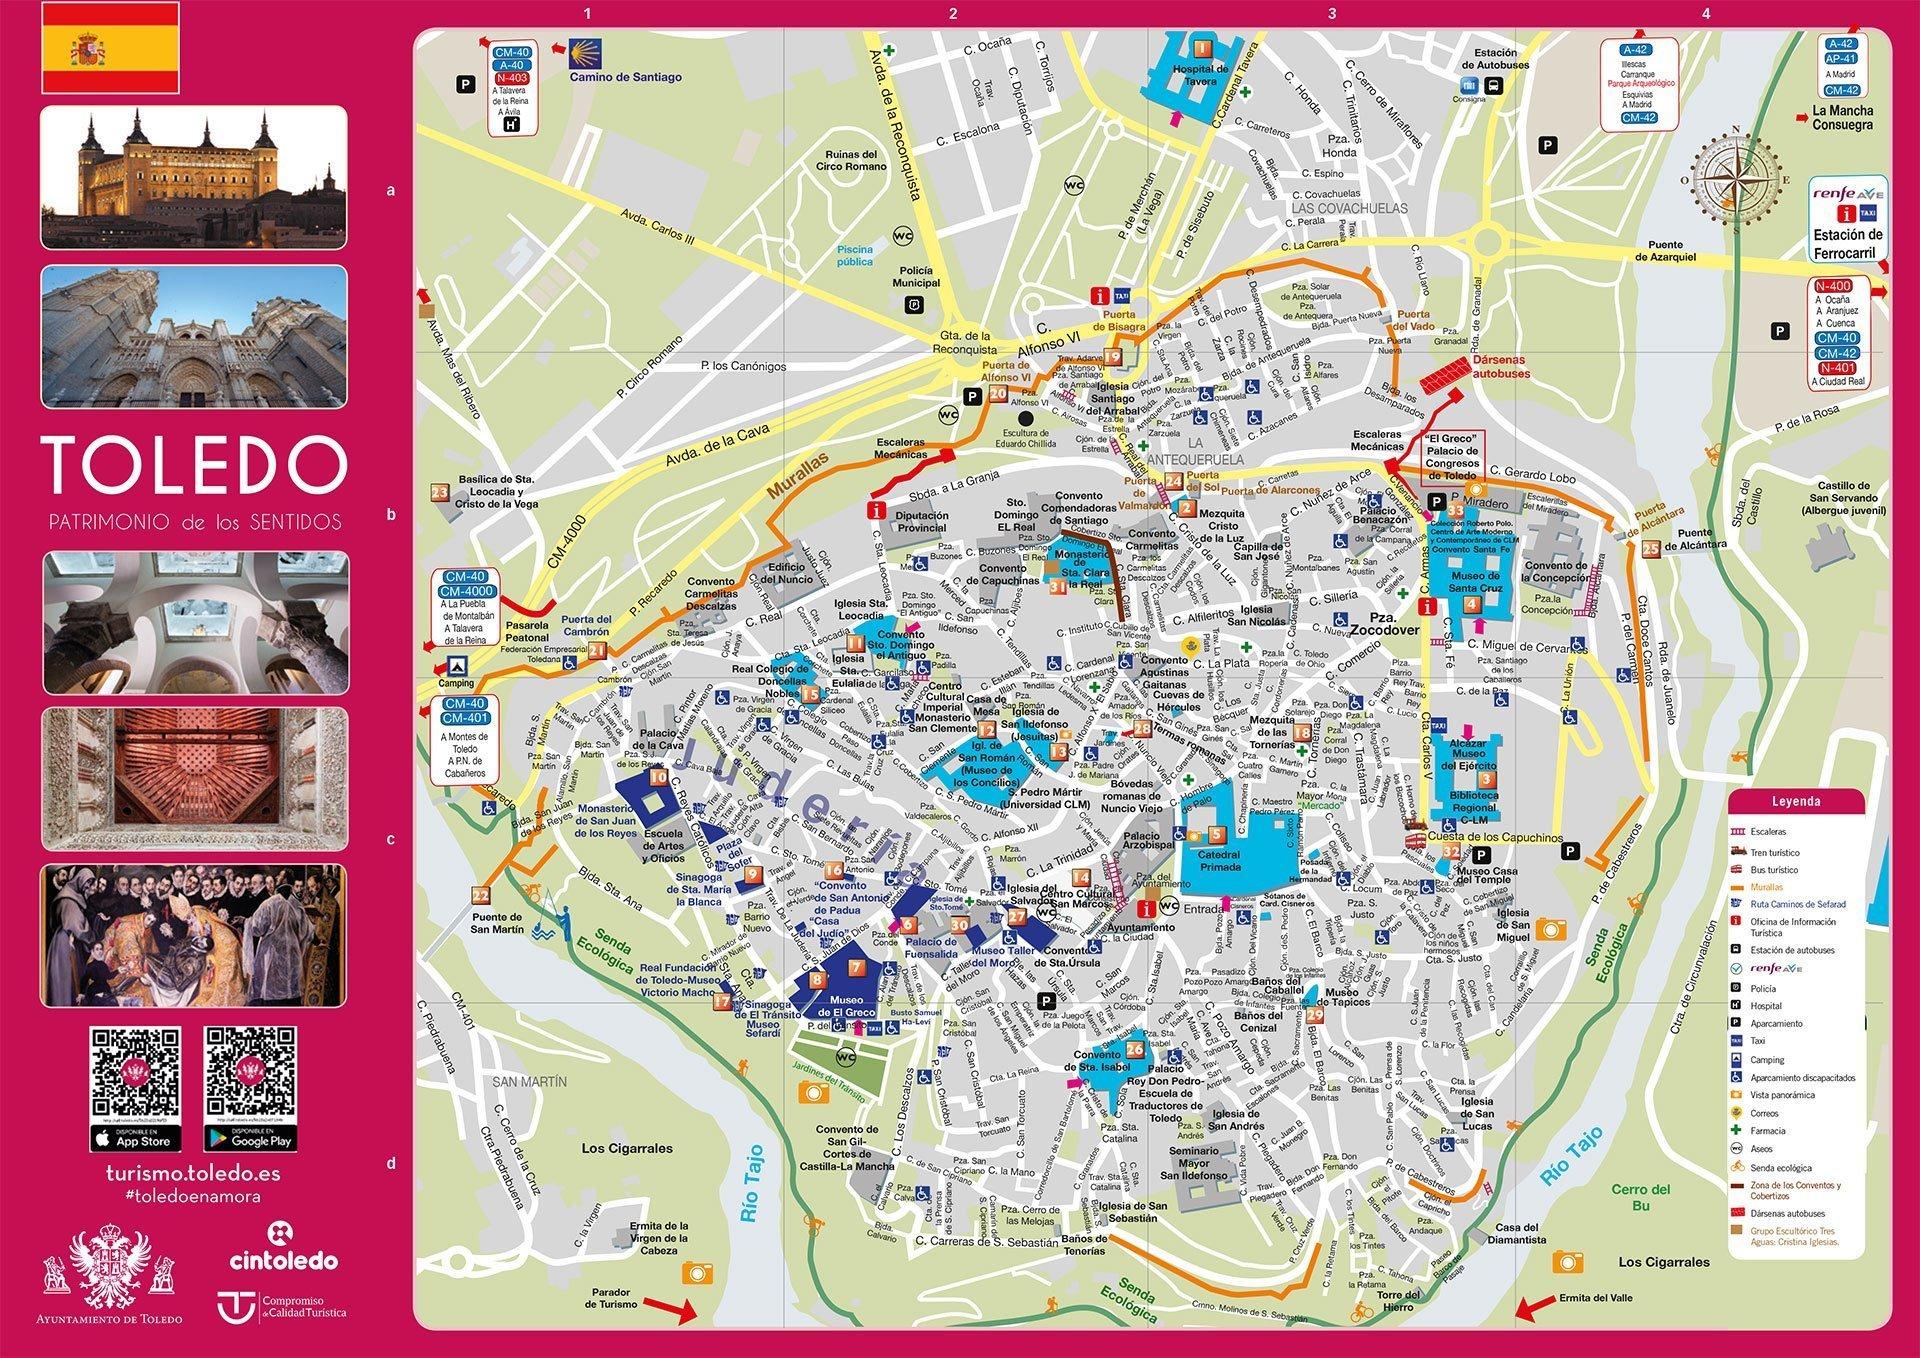 Mapa Turistico De Toledo 2020 Leyendas De Toledo